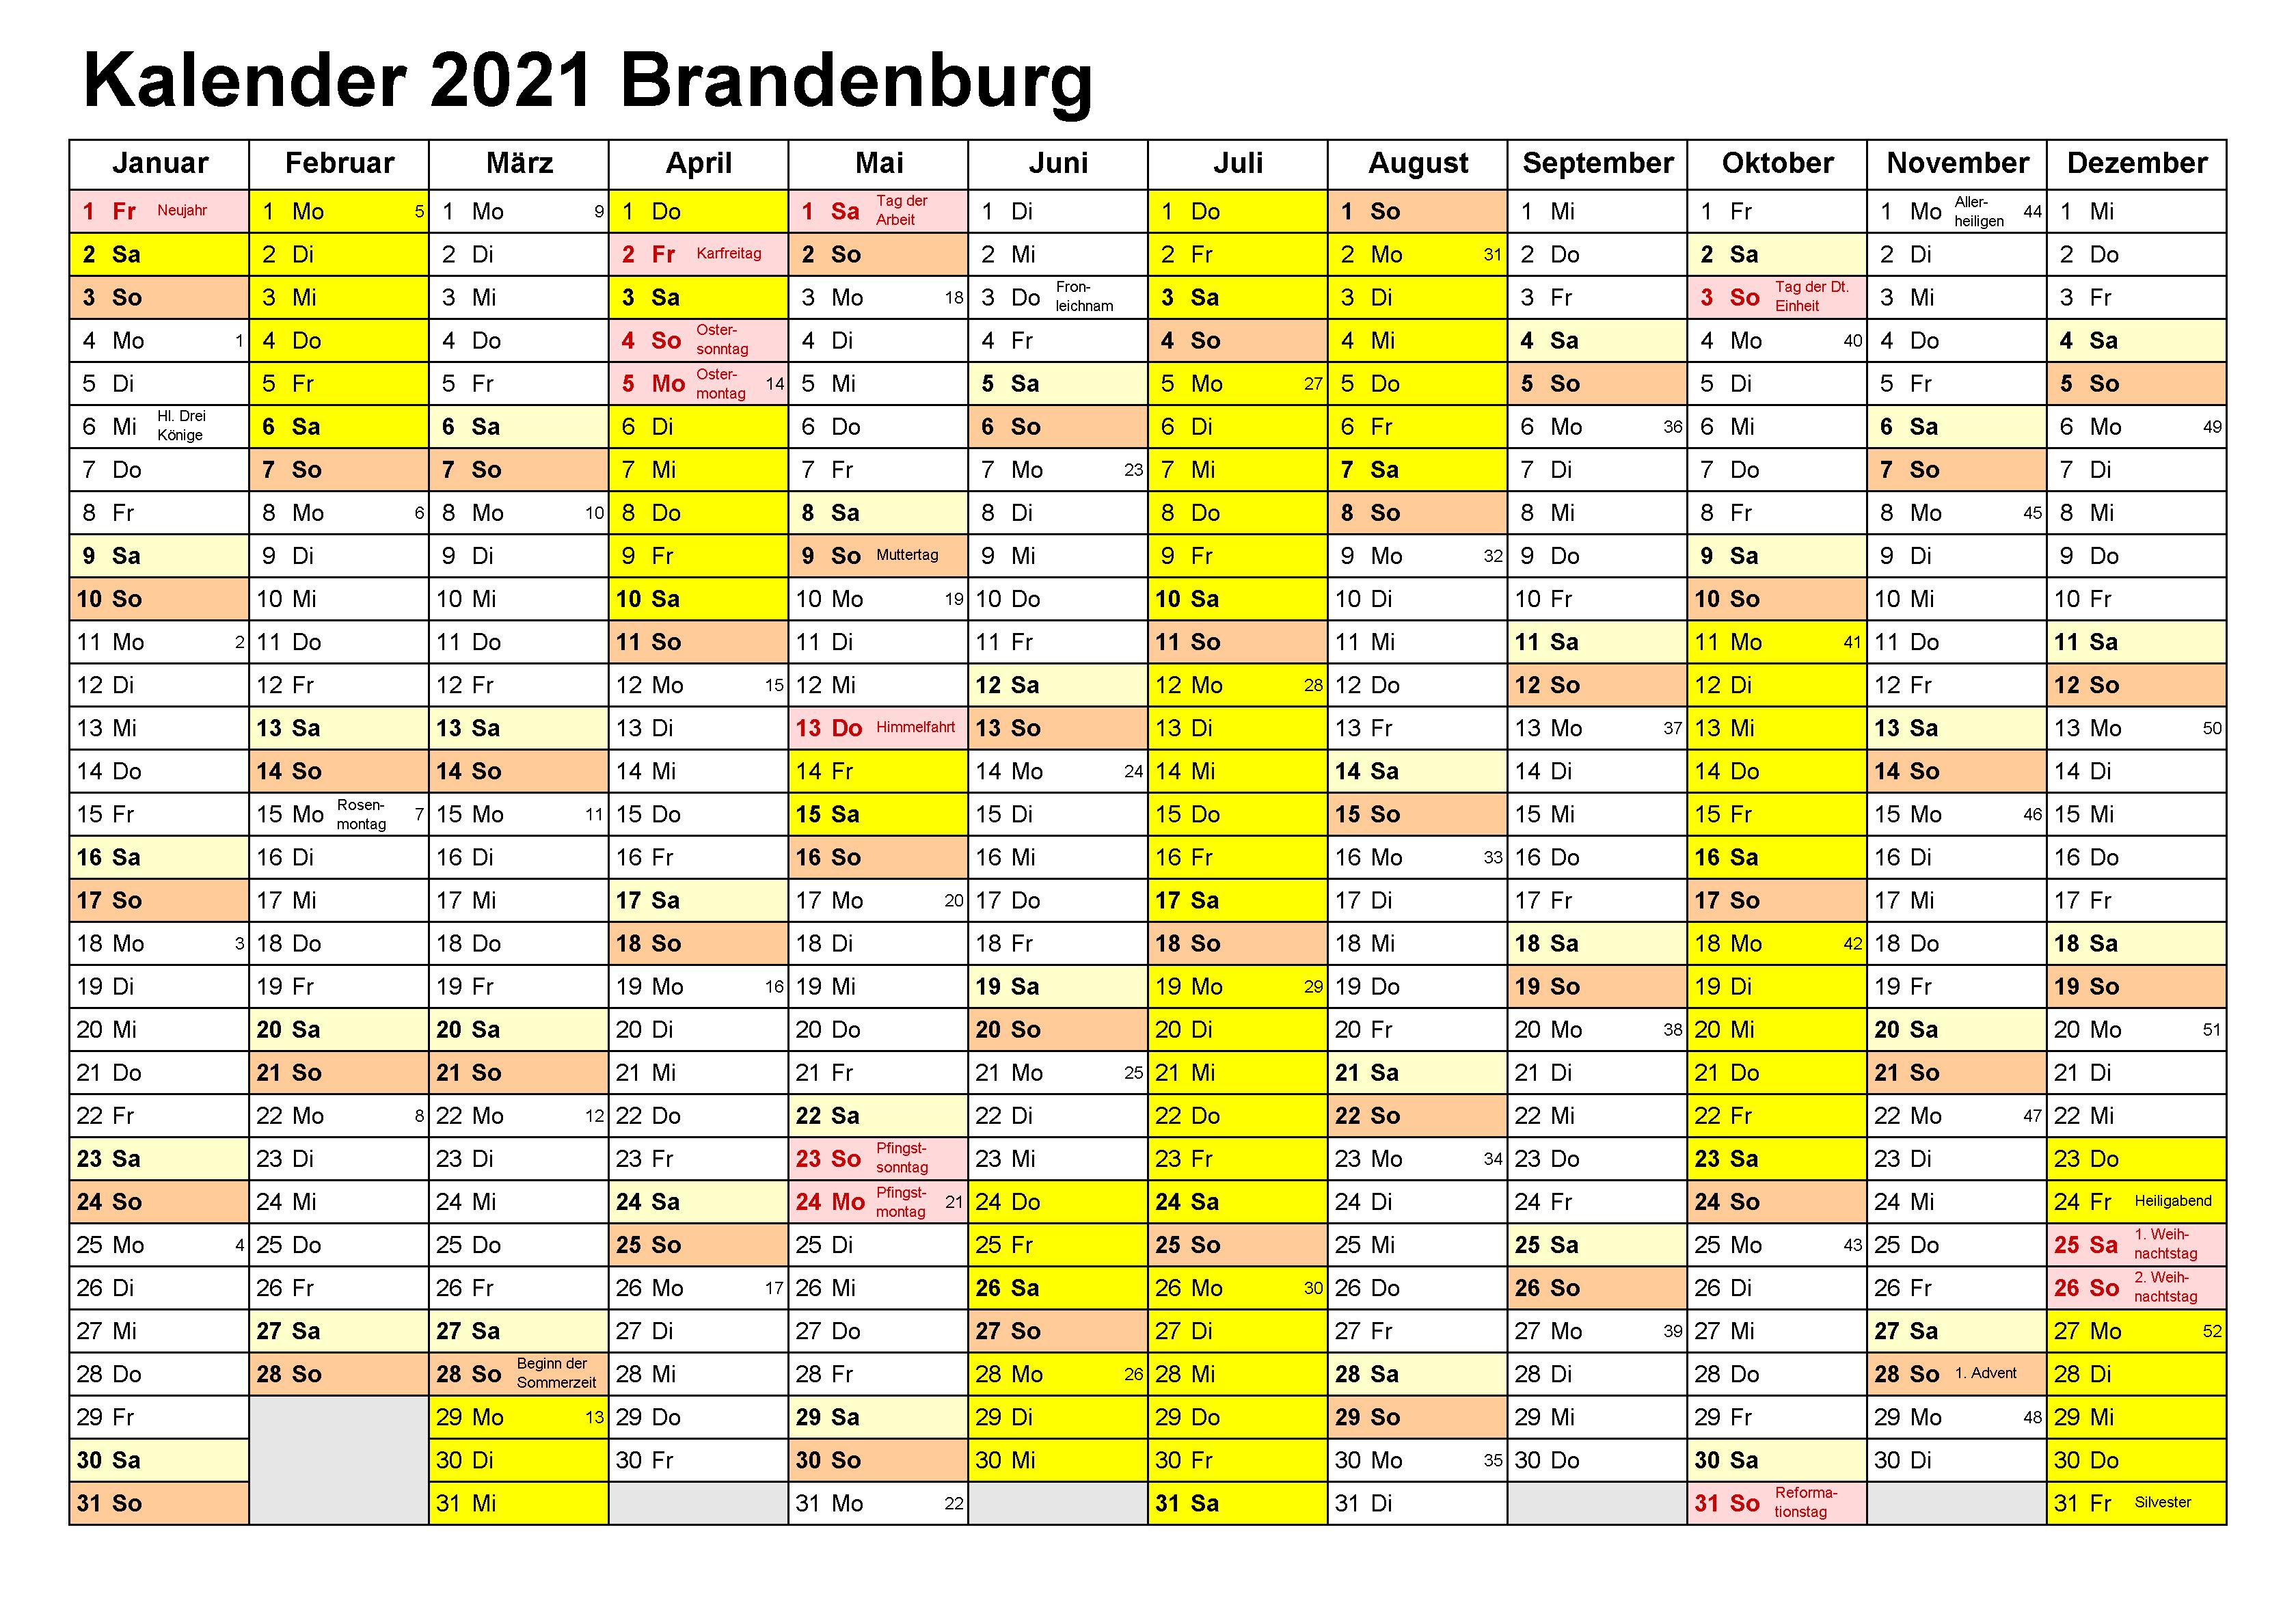 Kalender Brandenburg 2021 Zum Ausdrucken